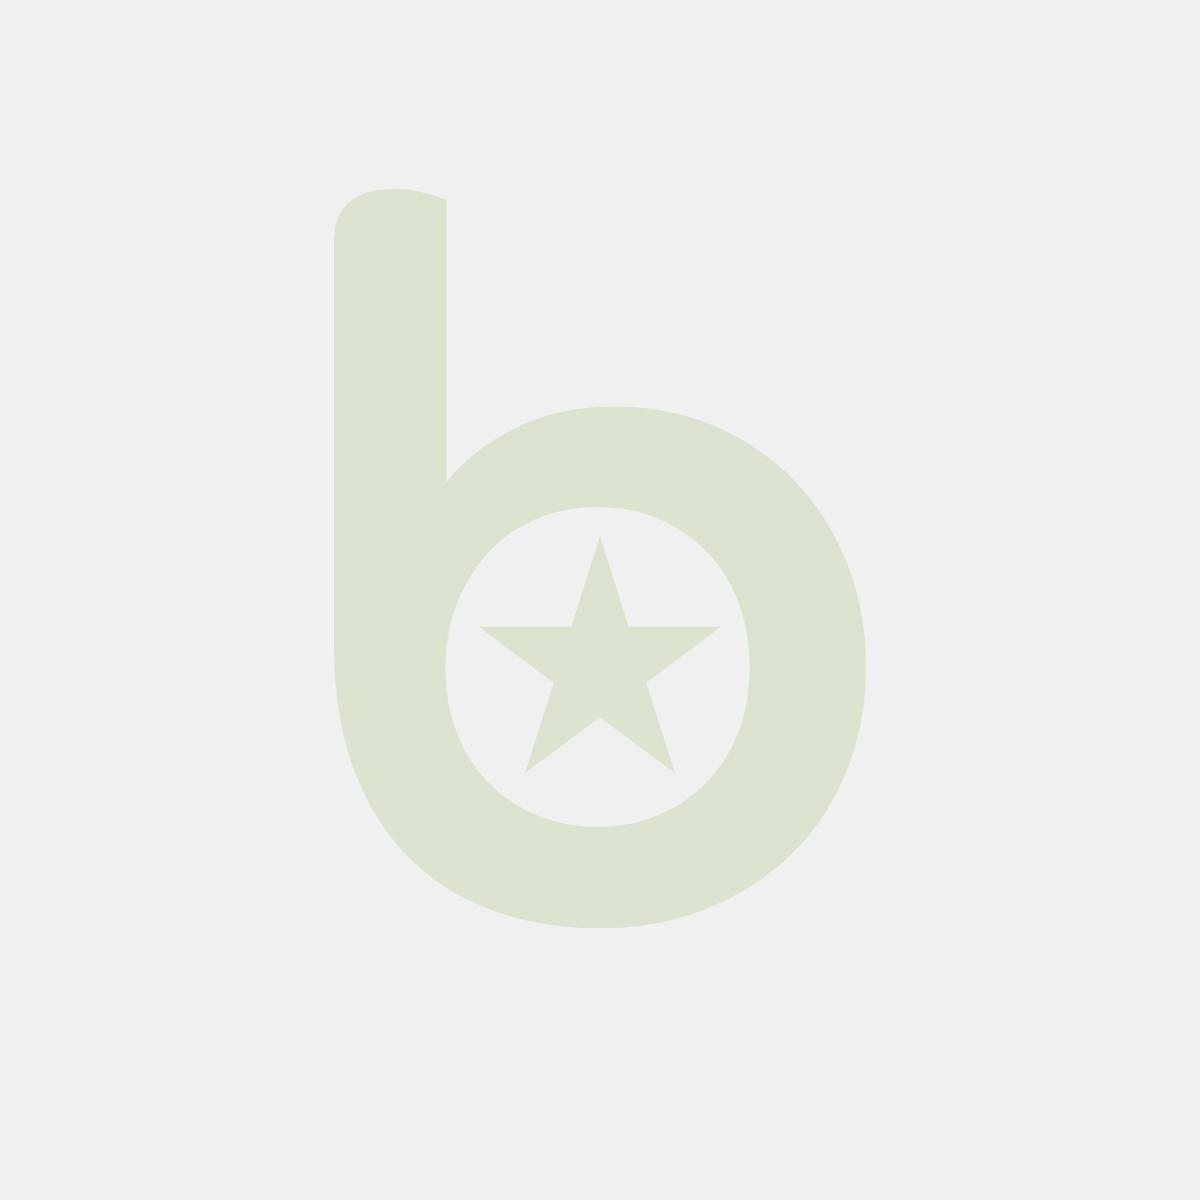 FINGERFOOD - z trzciny cukrowej, Tulip 70ml, śr.5,8xh.3,9cm, biodegradowalna, op. 50 sztuk